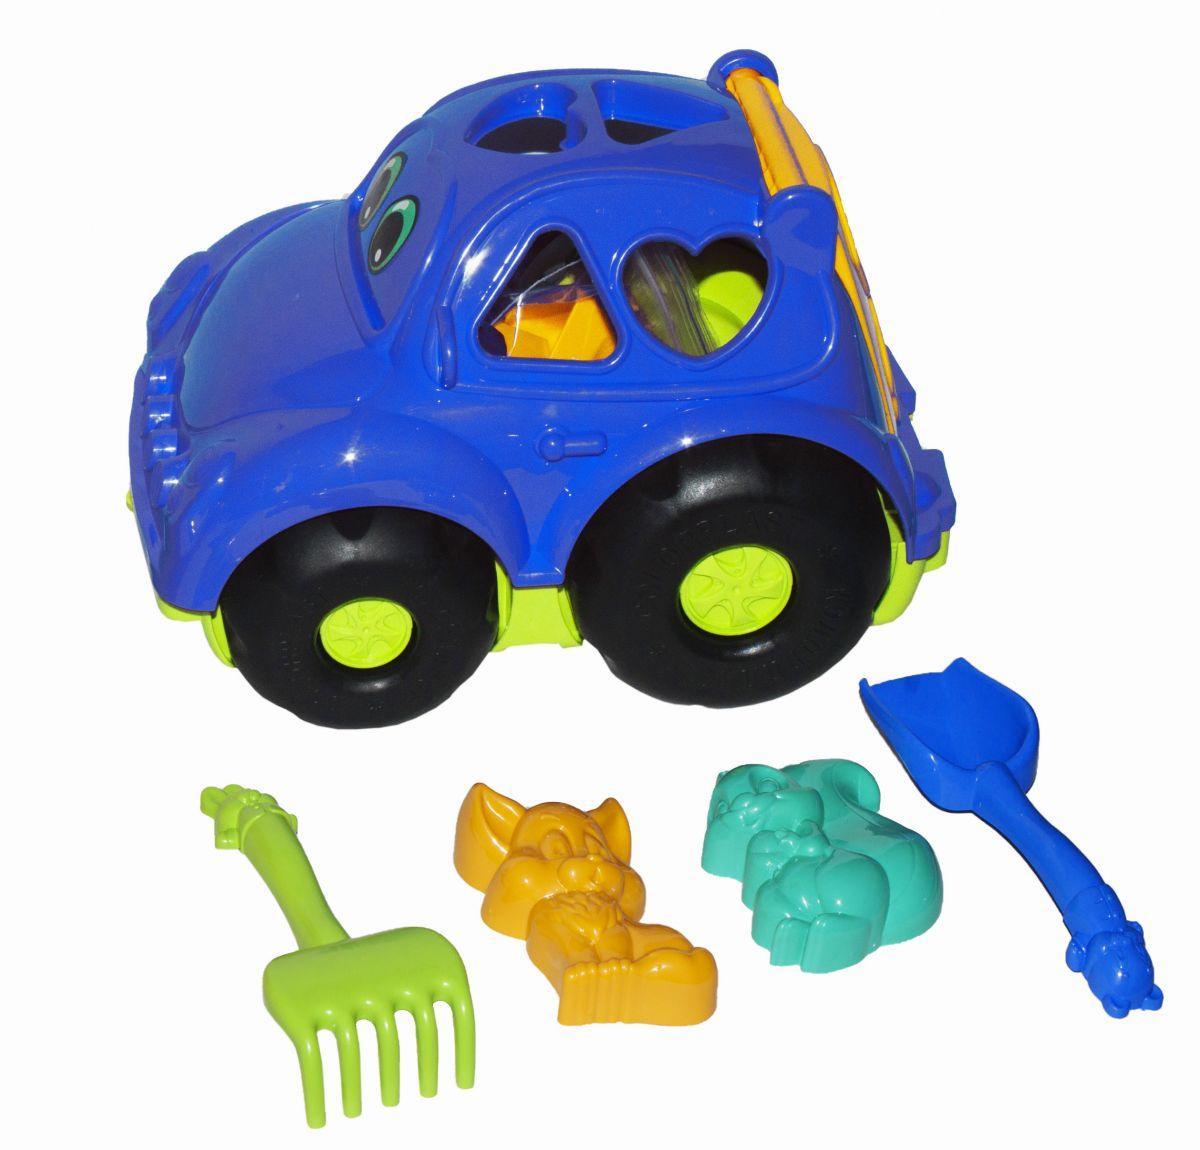 Сортер-машинка Автошка синяя Colorplast